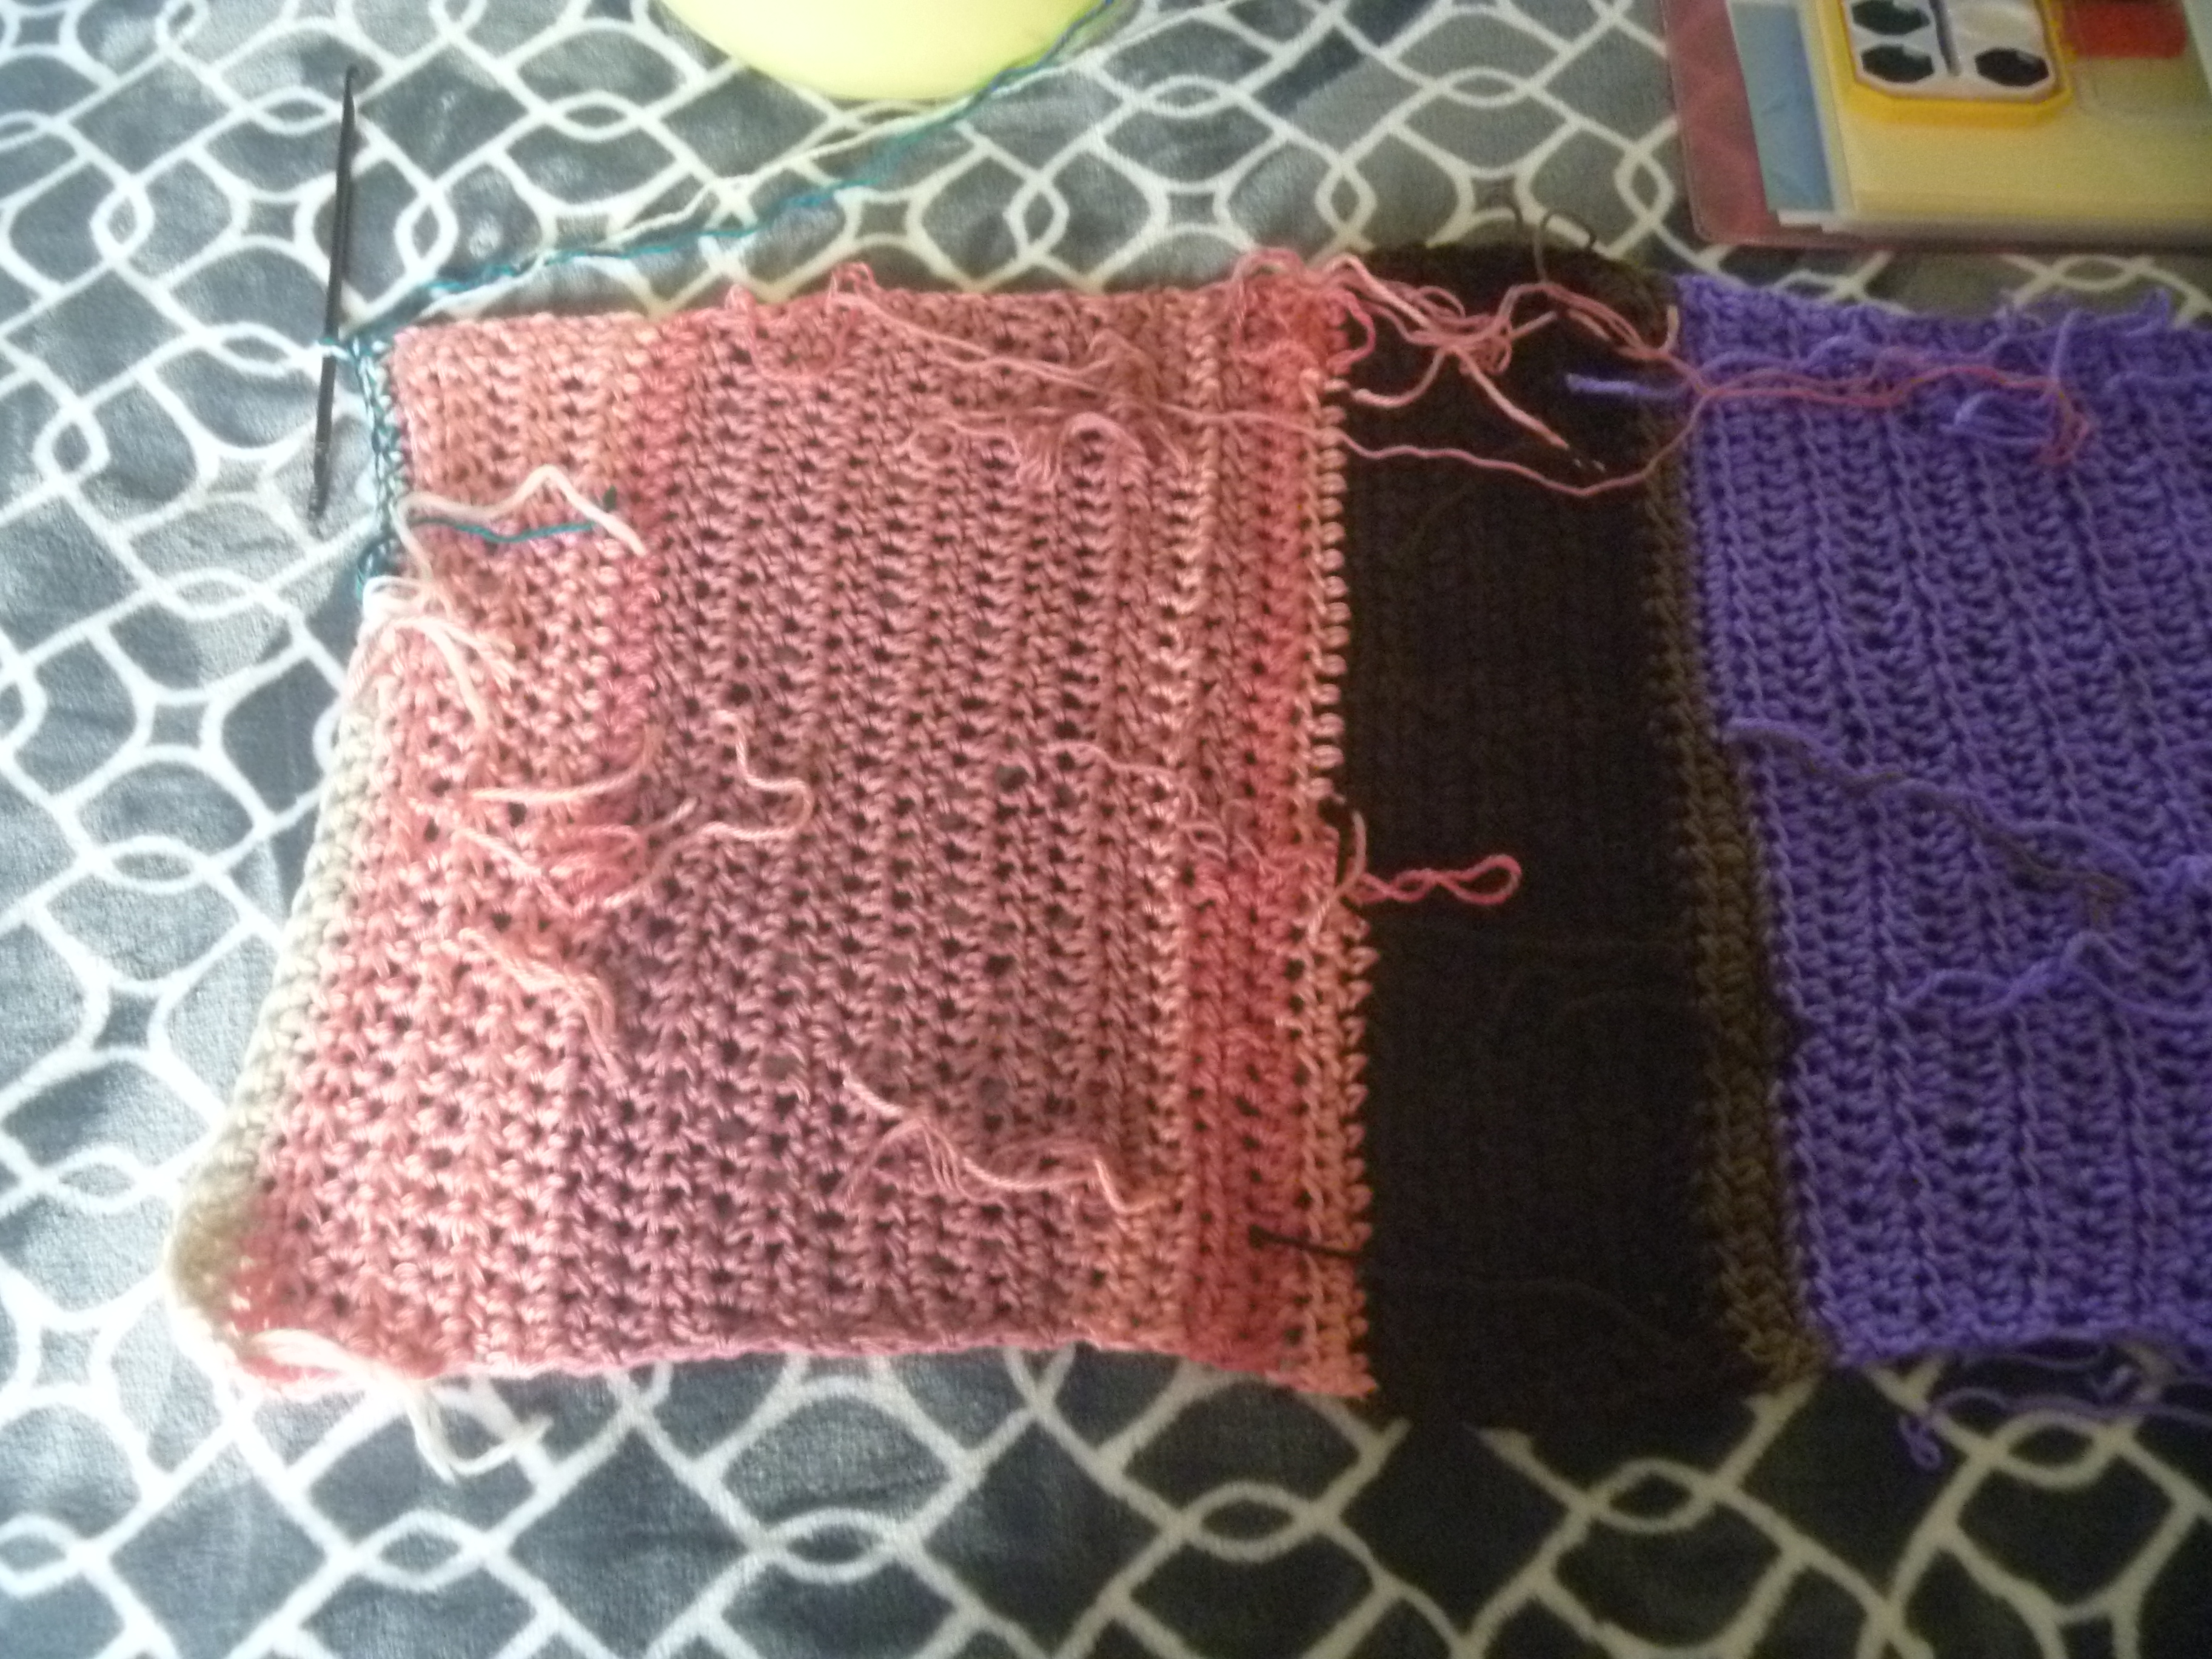 scrap blanket or shawl